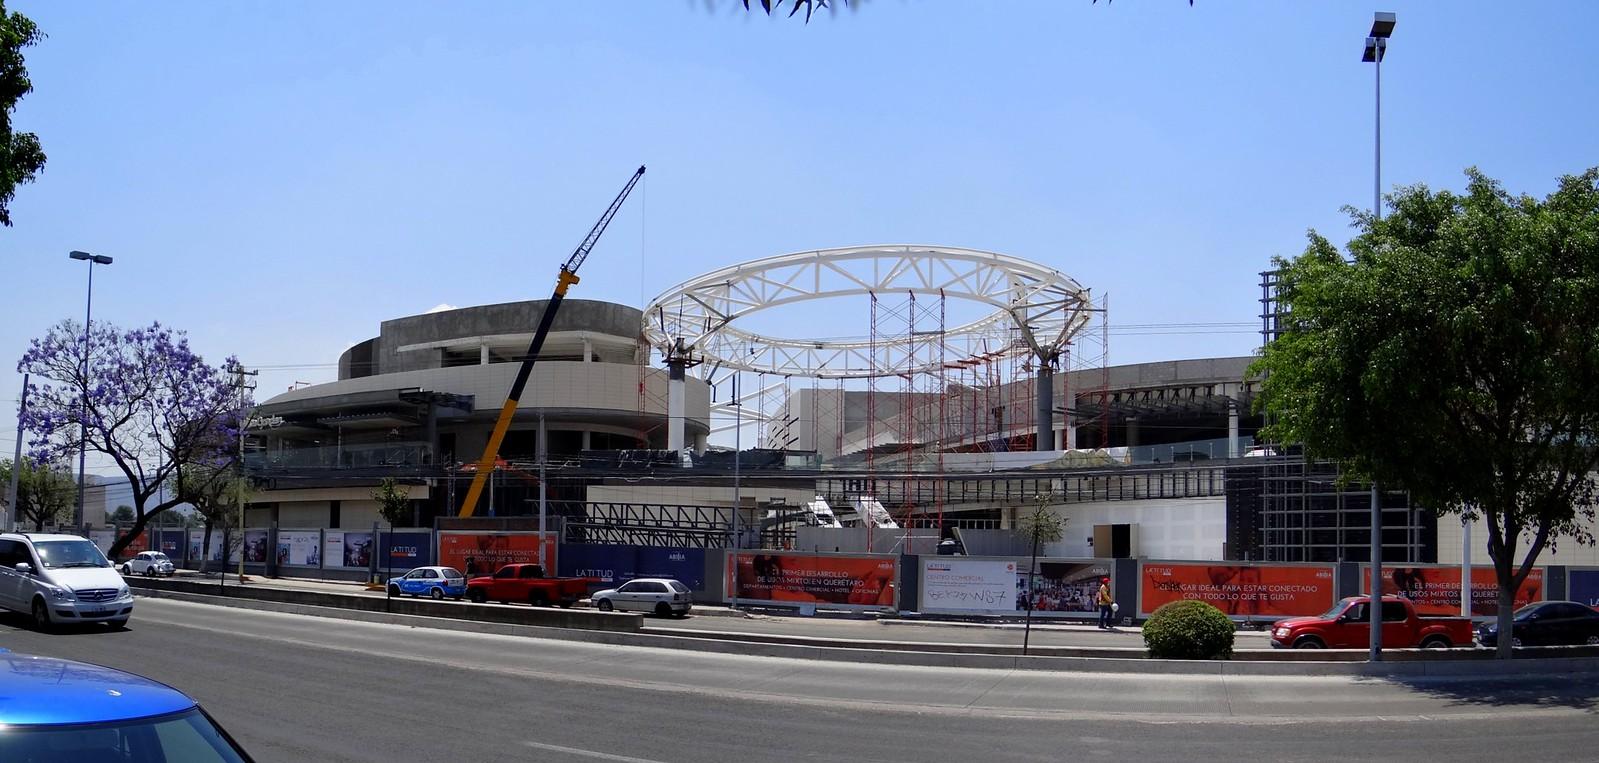 Proyectos y construcci n centros comerciales page 338 for Puerta la victoria